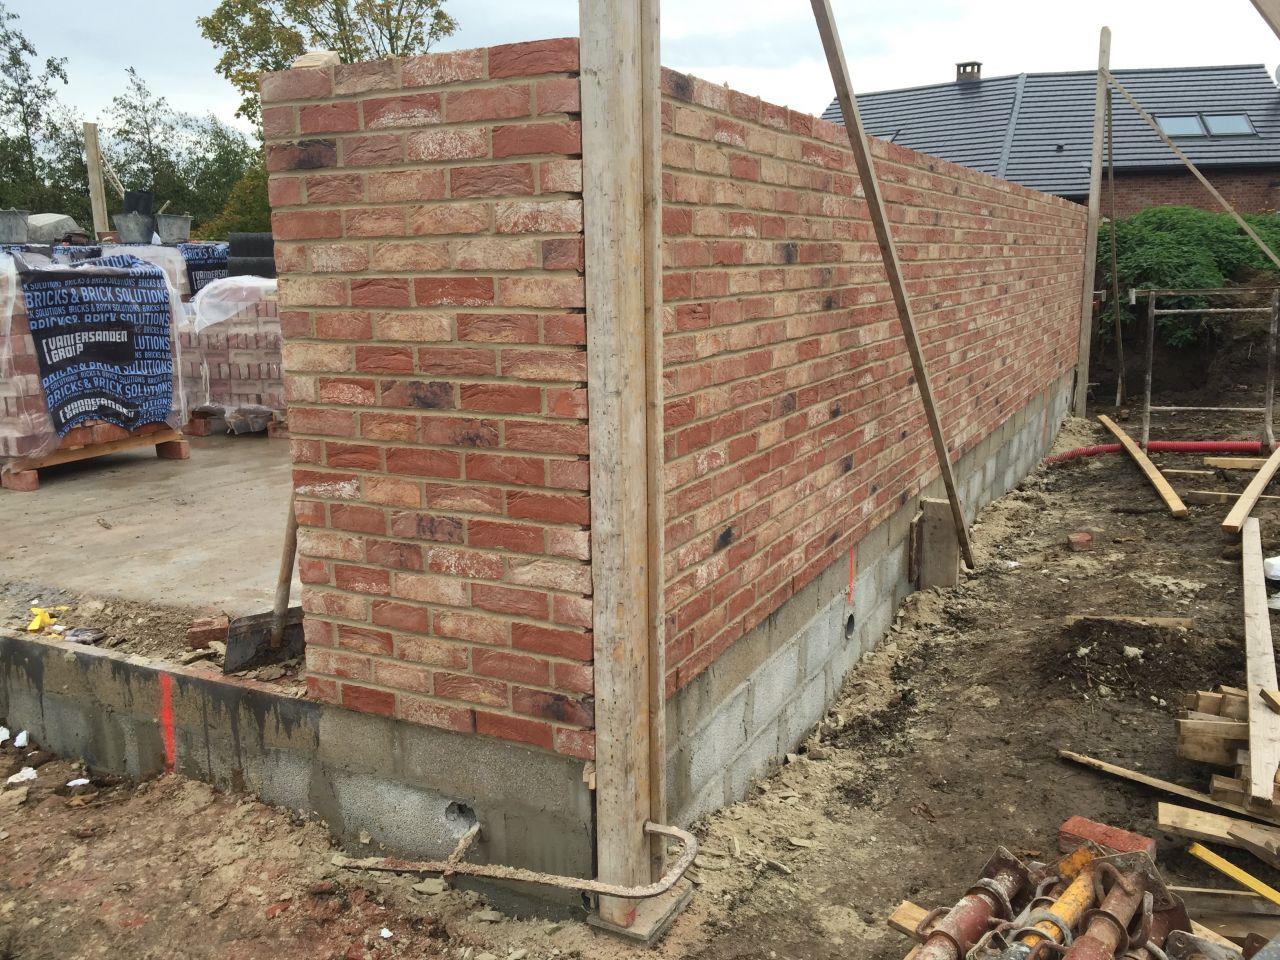 Double mur parpaing   brique. Brique Baroque et joint crème, tout ce qu'on aime